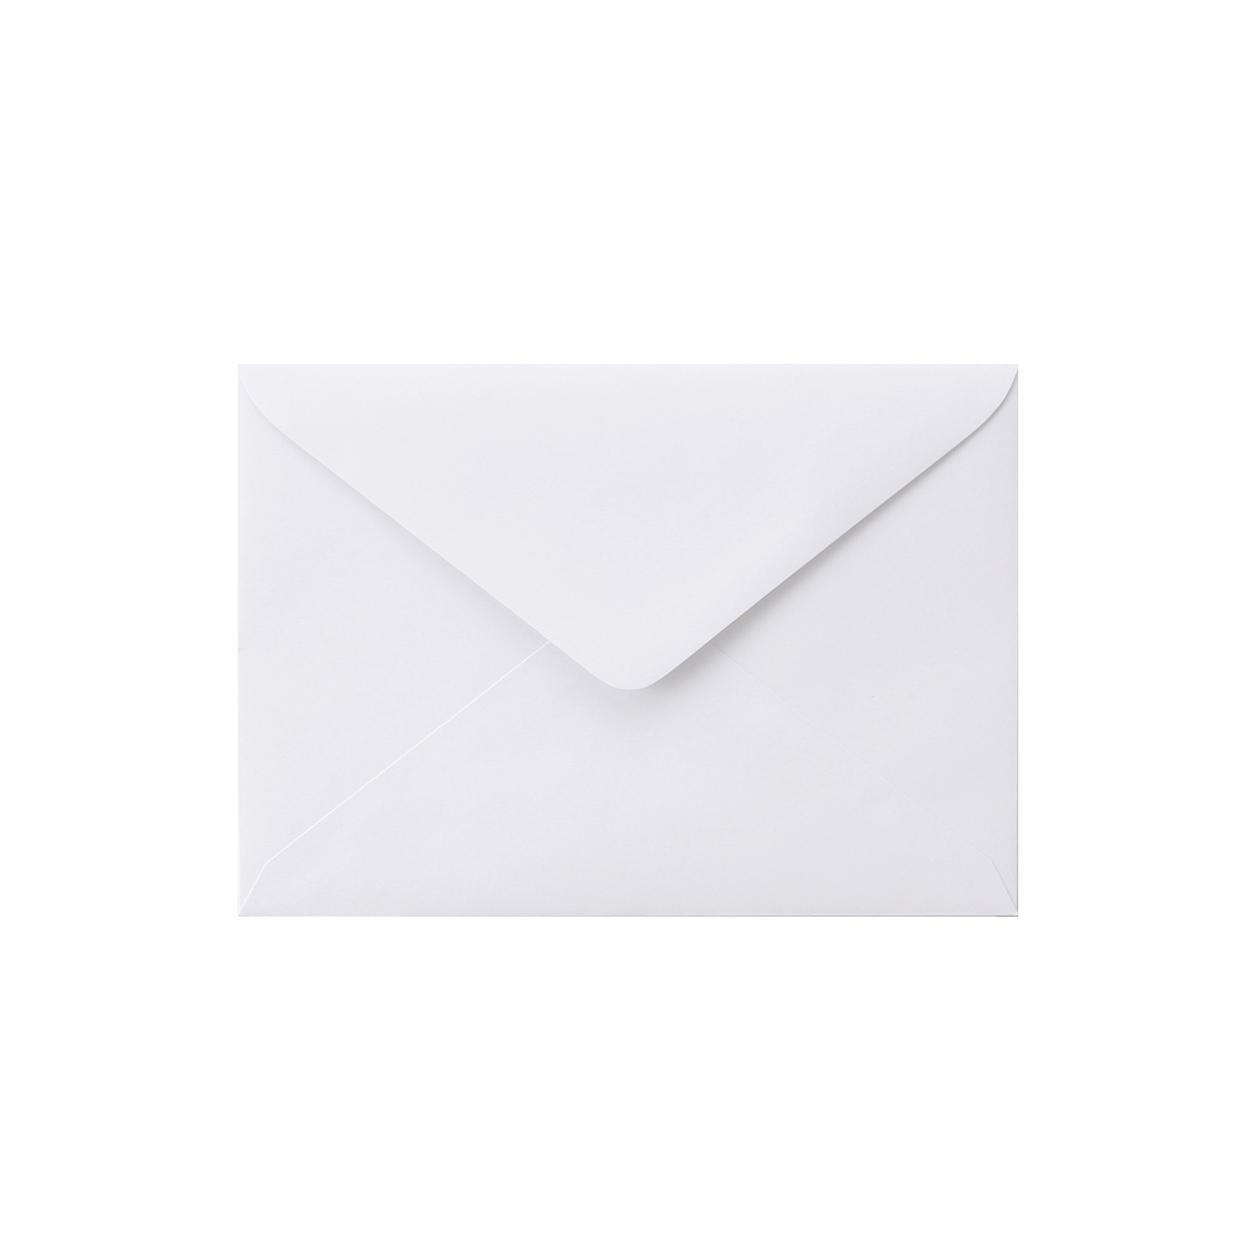 洋2ダイア封筒 Nケント 100g 郵便枠有